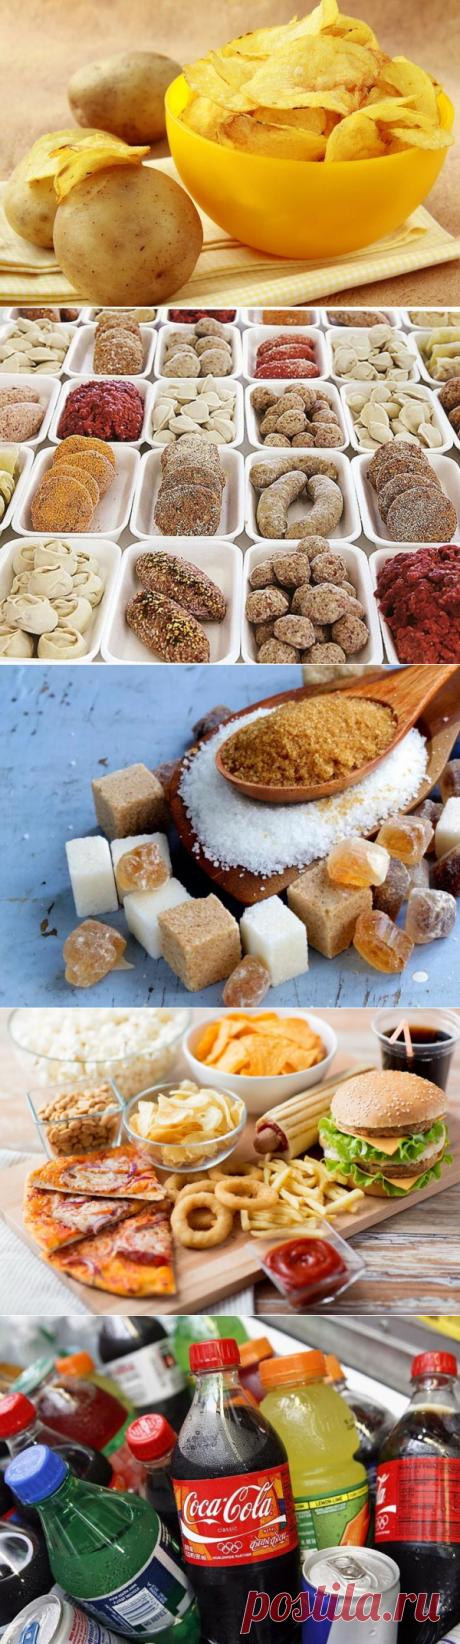 10 самых токсичных и опасных продуктов, которые не должны попадать к вам в рот